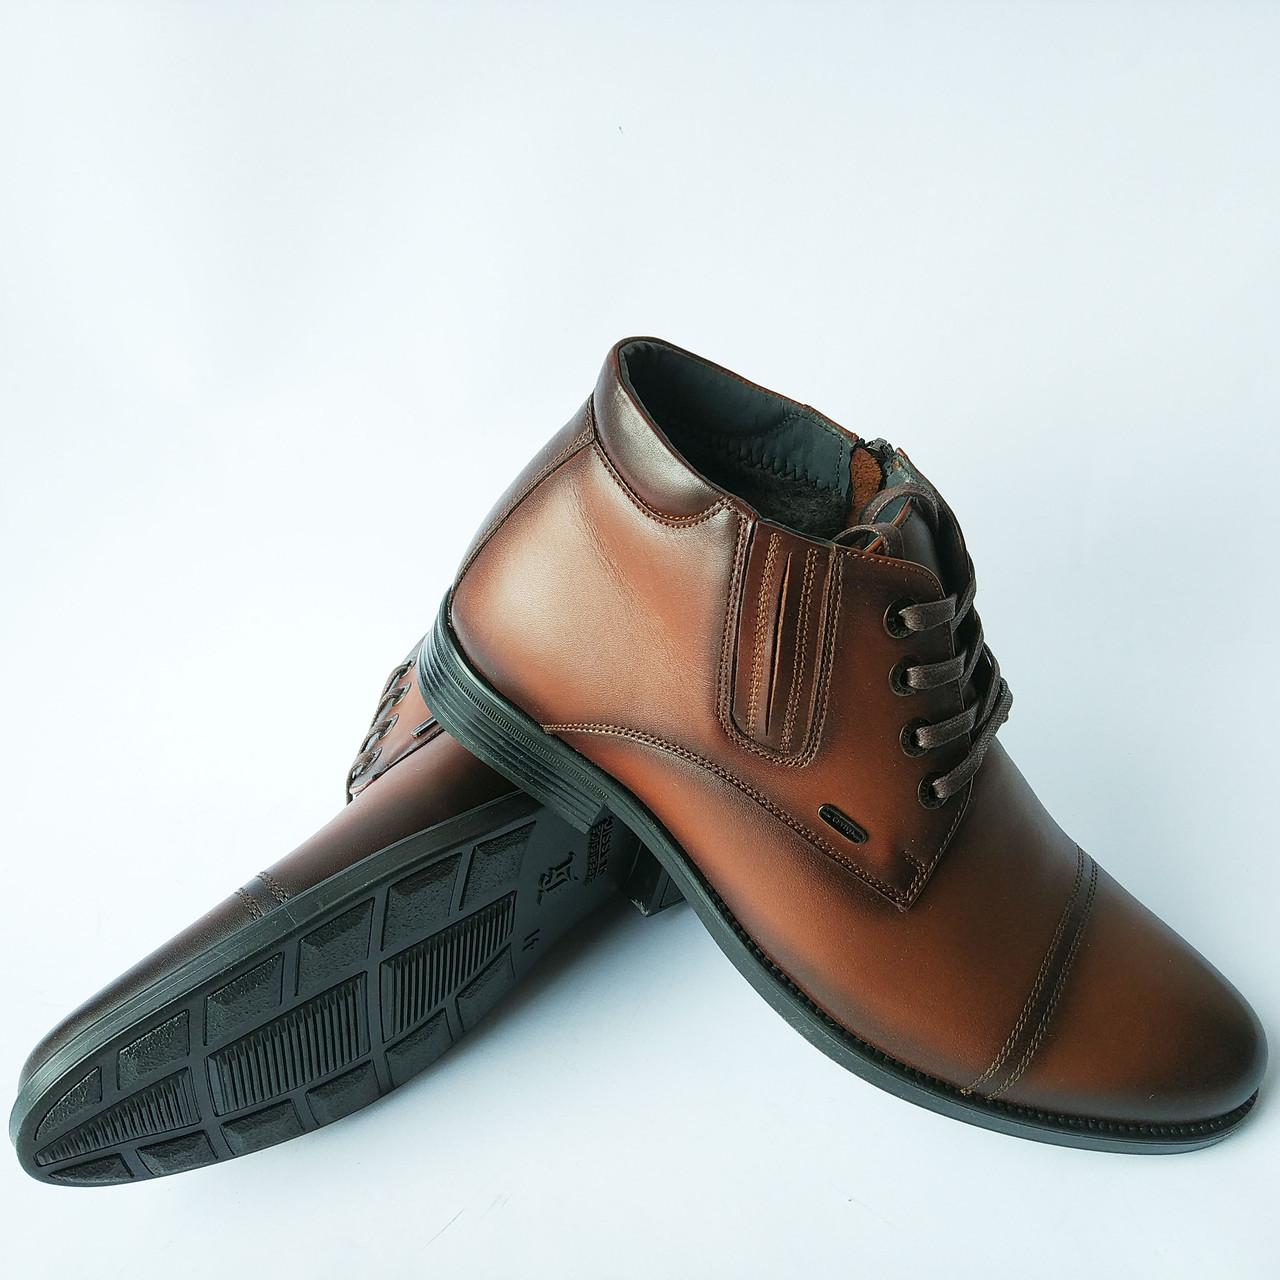 5dae82df Зимняя мужская обувь Харьков : классические кожаные ботинки, коричневого  цвета, на шерсти от фабрики Сevivo